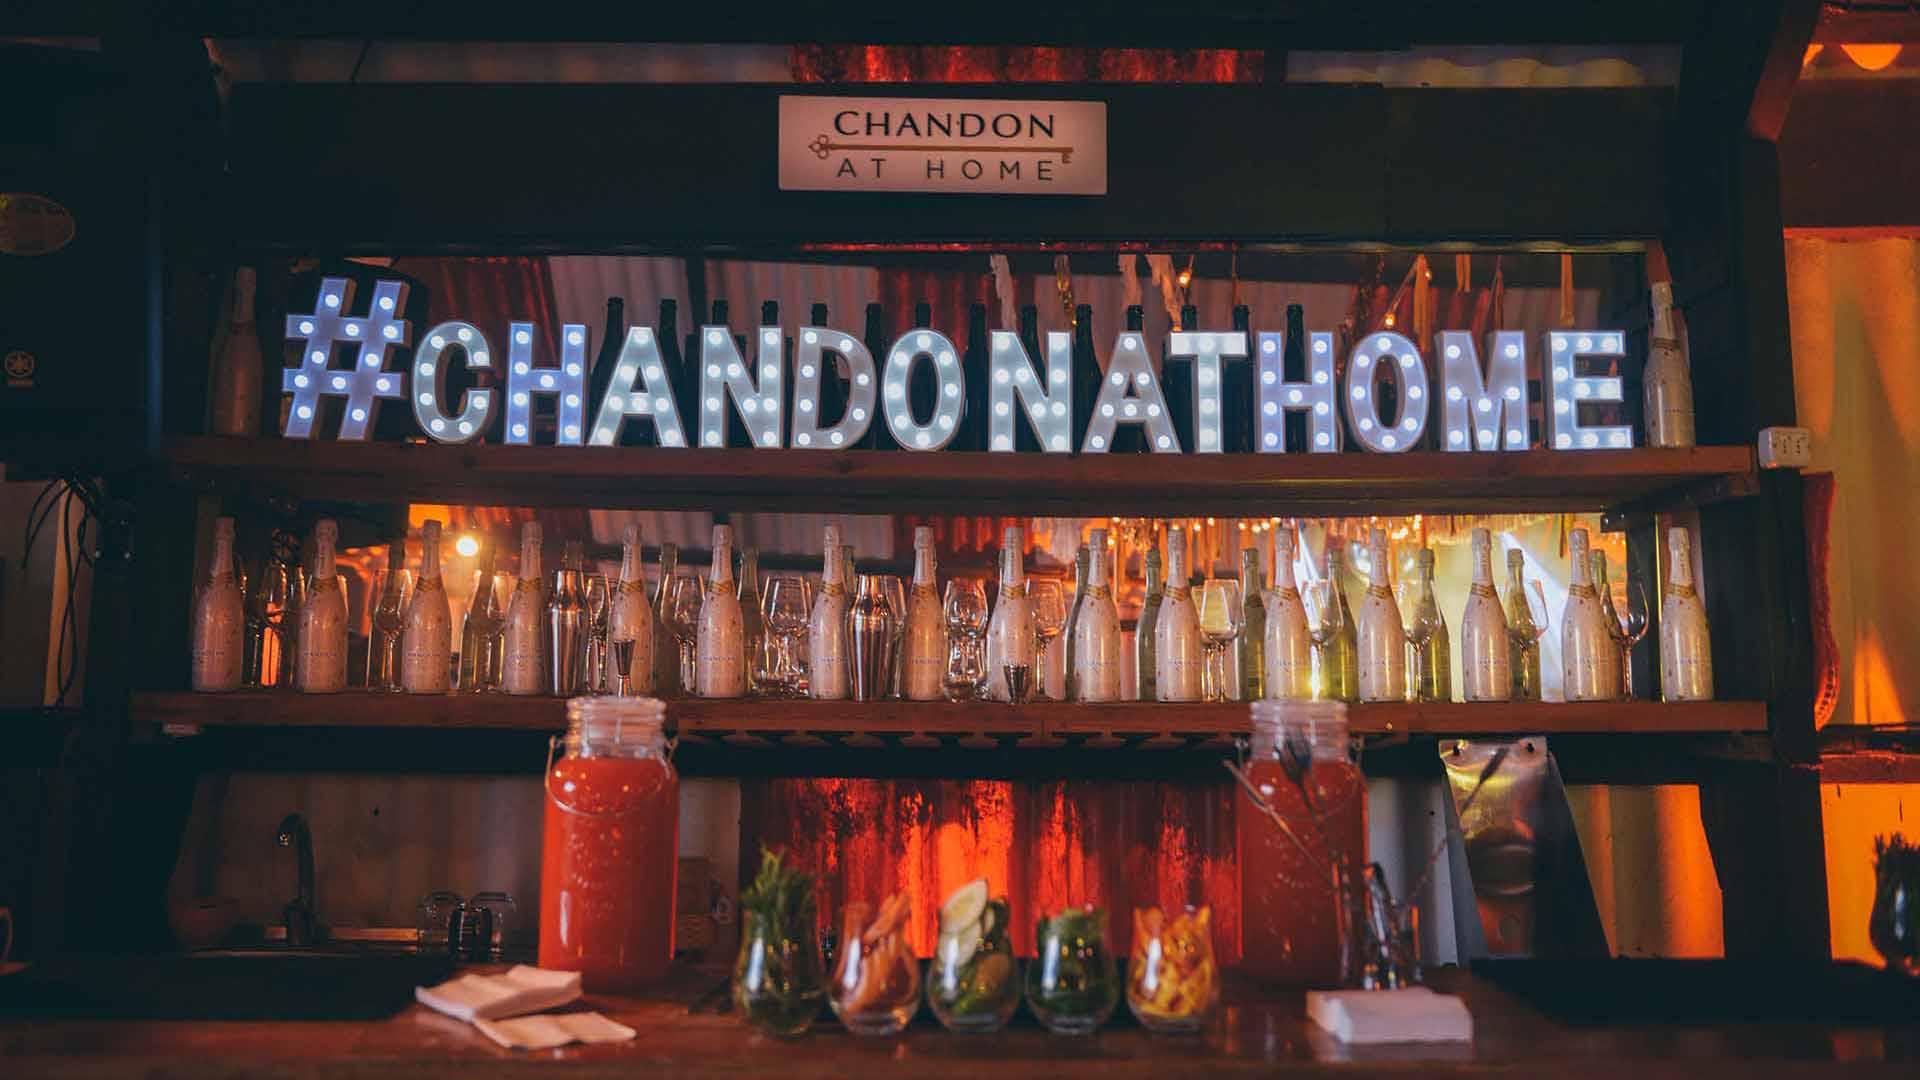 El innovador programa de la marca se encarga de llevar el festejo a tu casa: barra Chandon, música, ambientación y comida